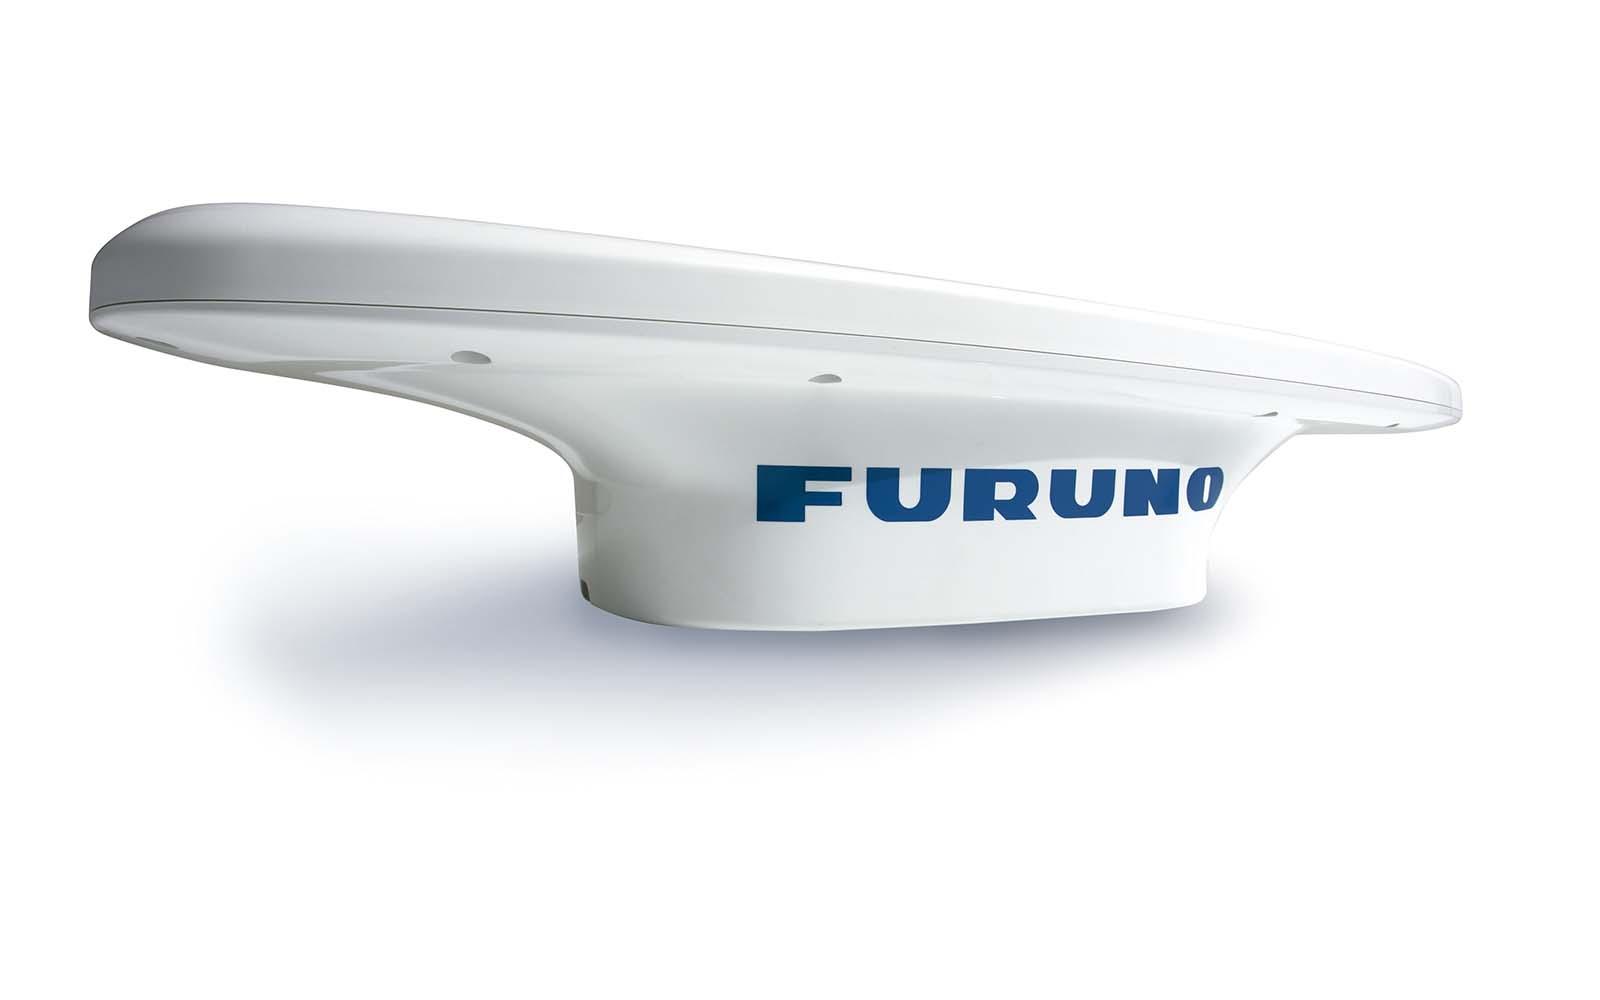 furuno lança novos equipamentos - boat shopping 5